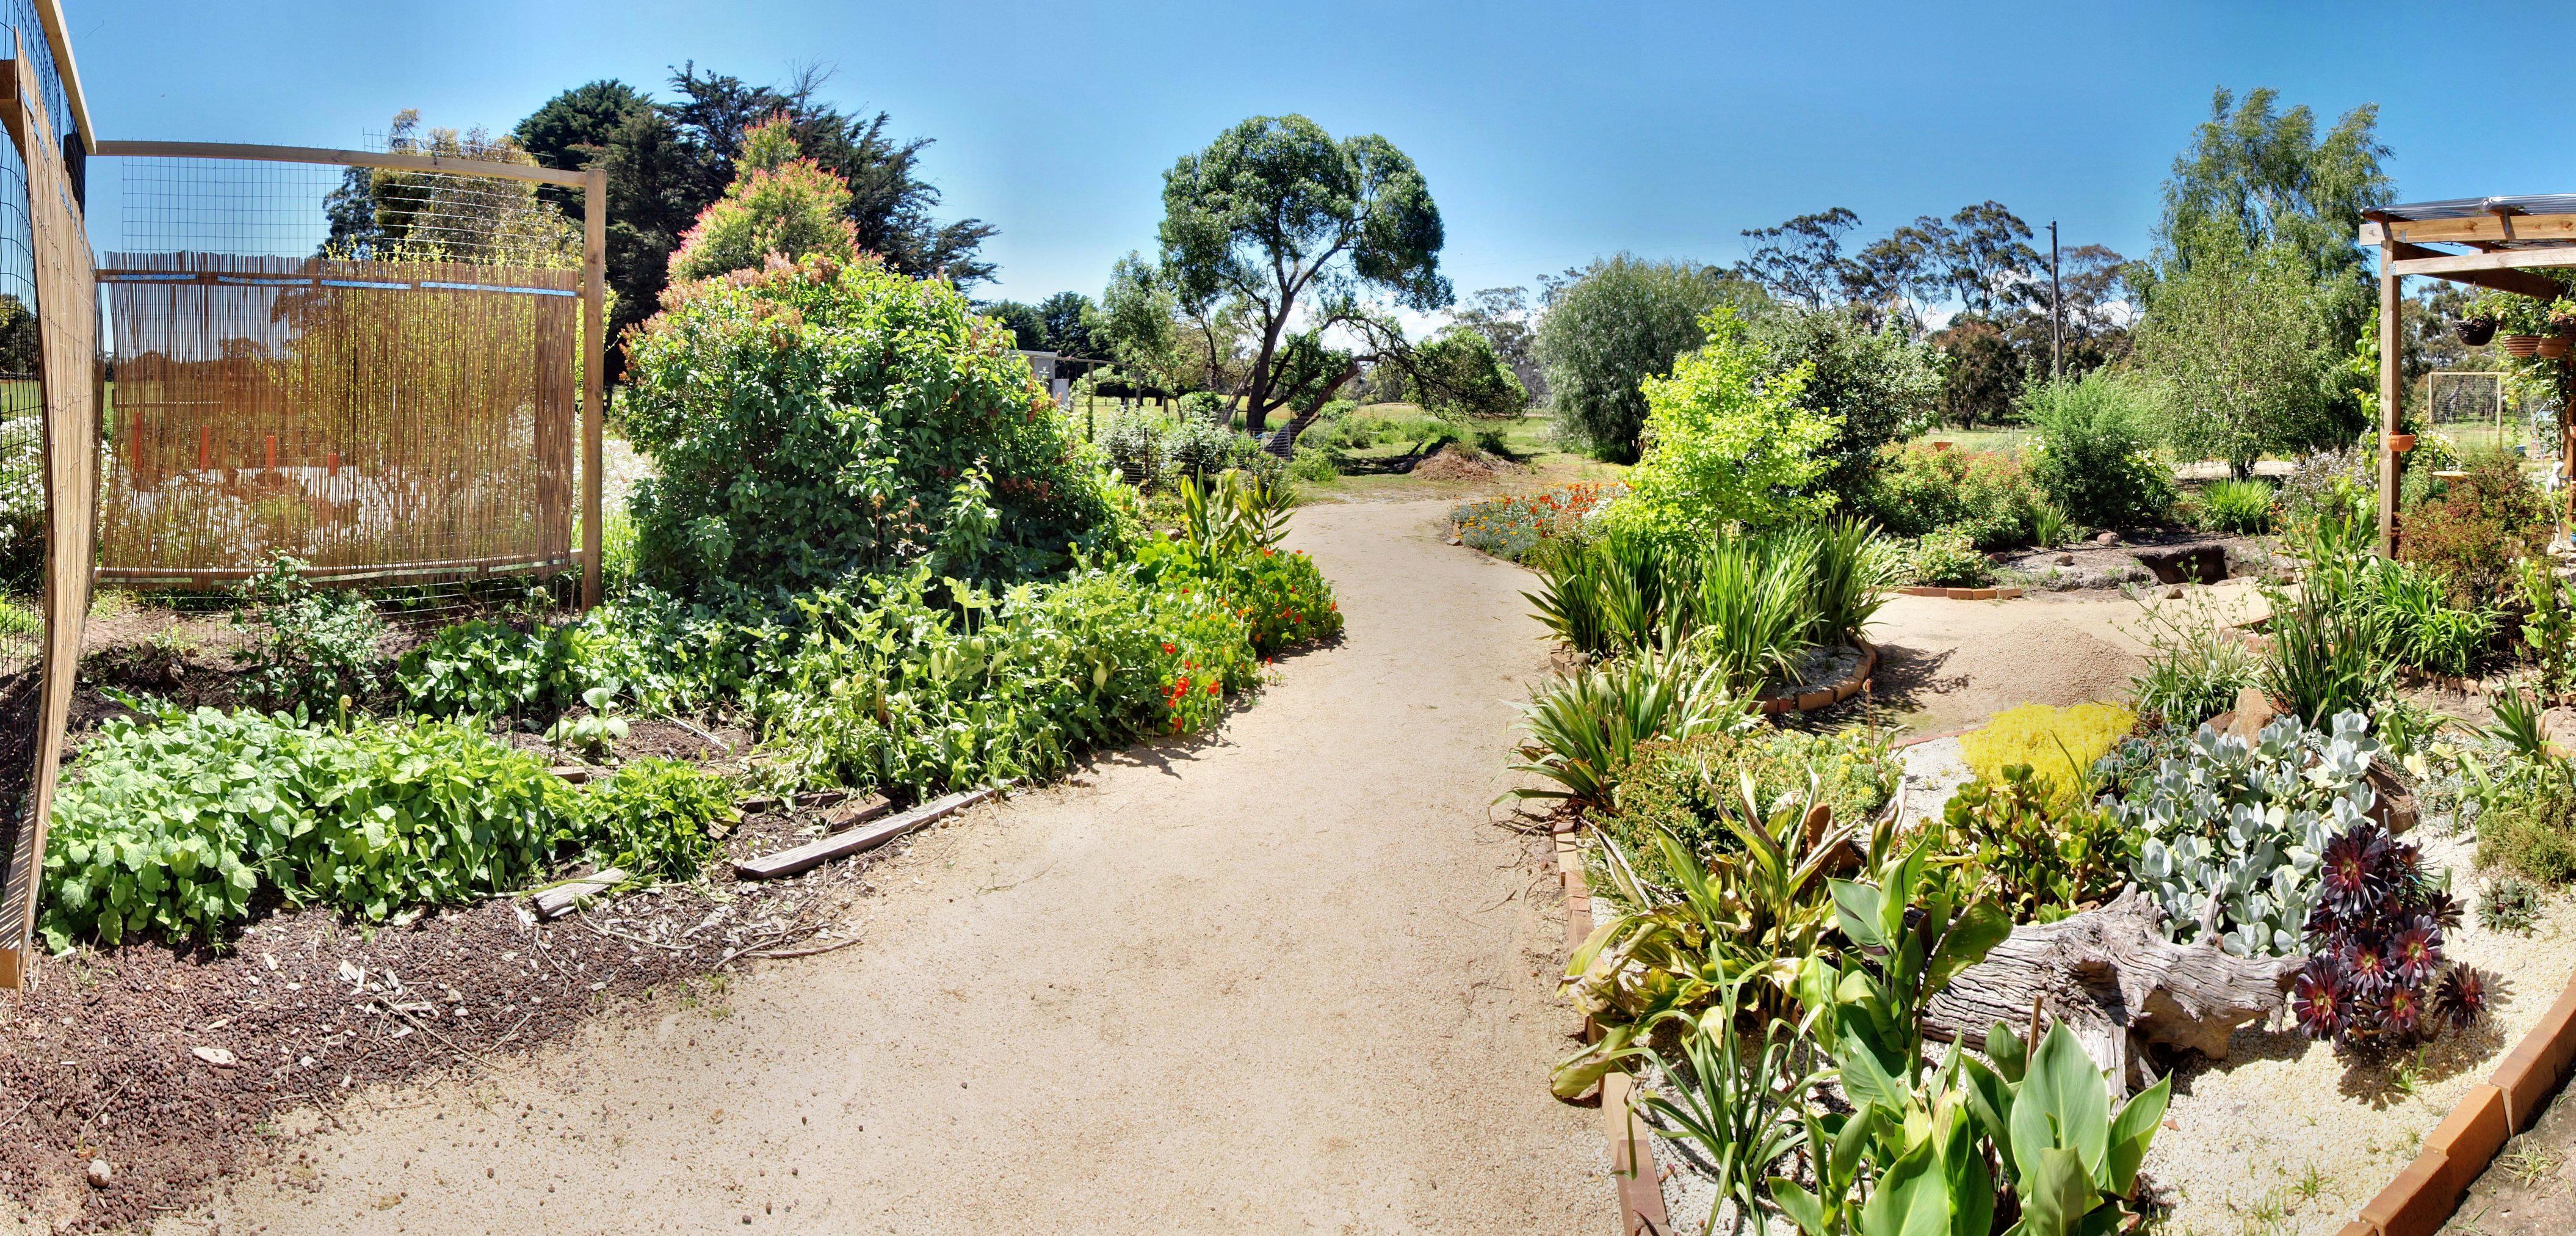 garden-e-panorama-dup.jpeg